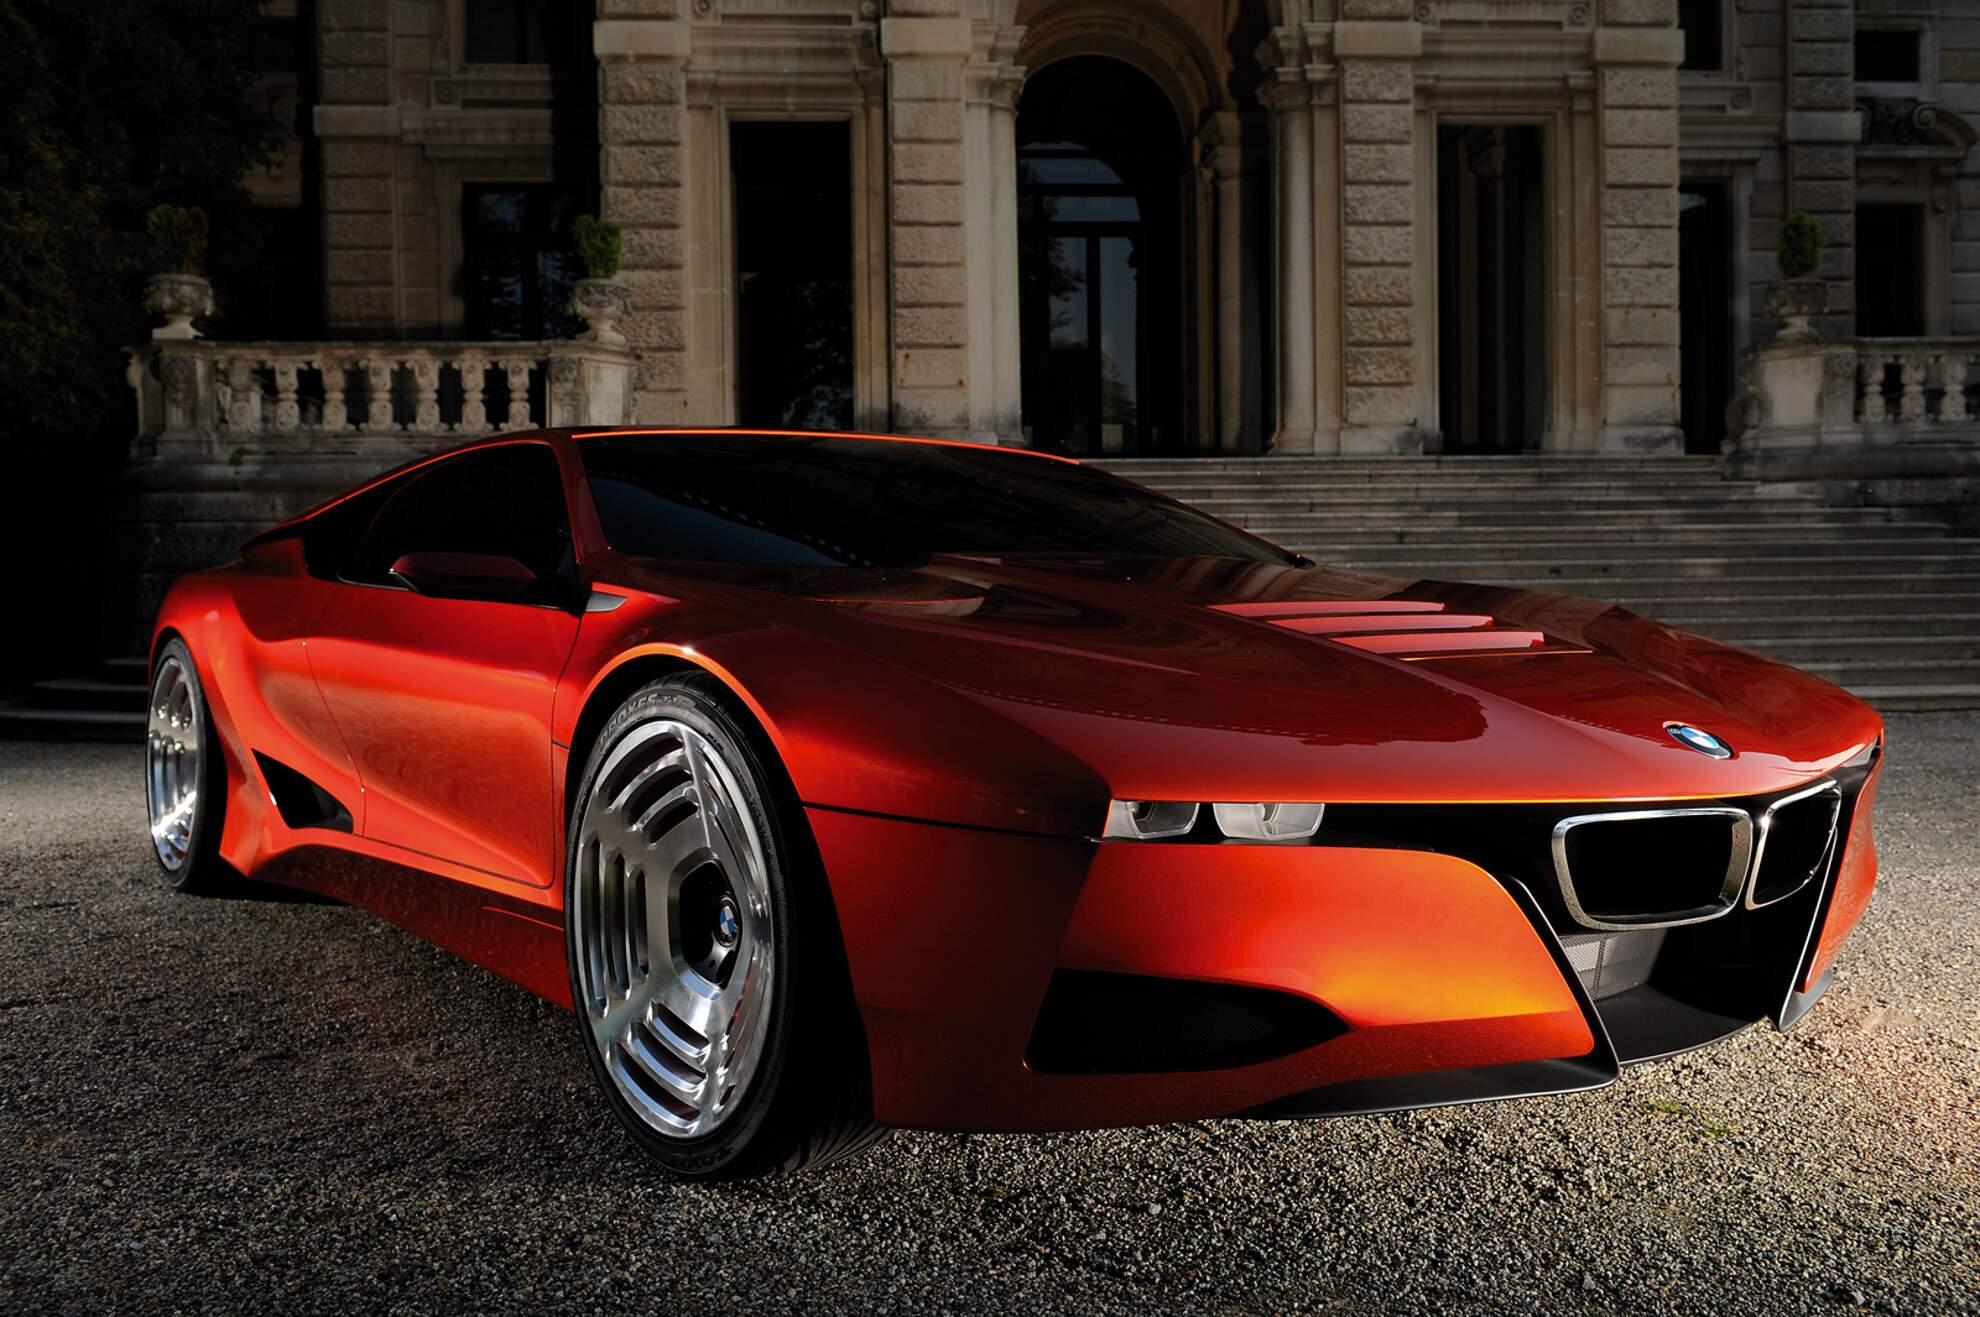 BMW M1 Hommage Frontperspektive